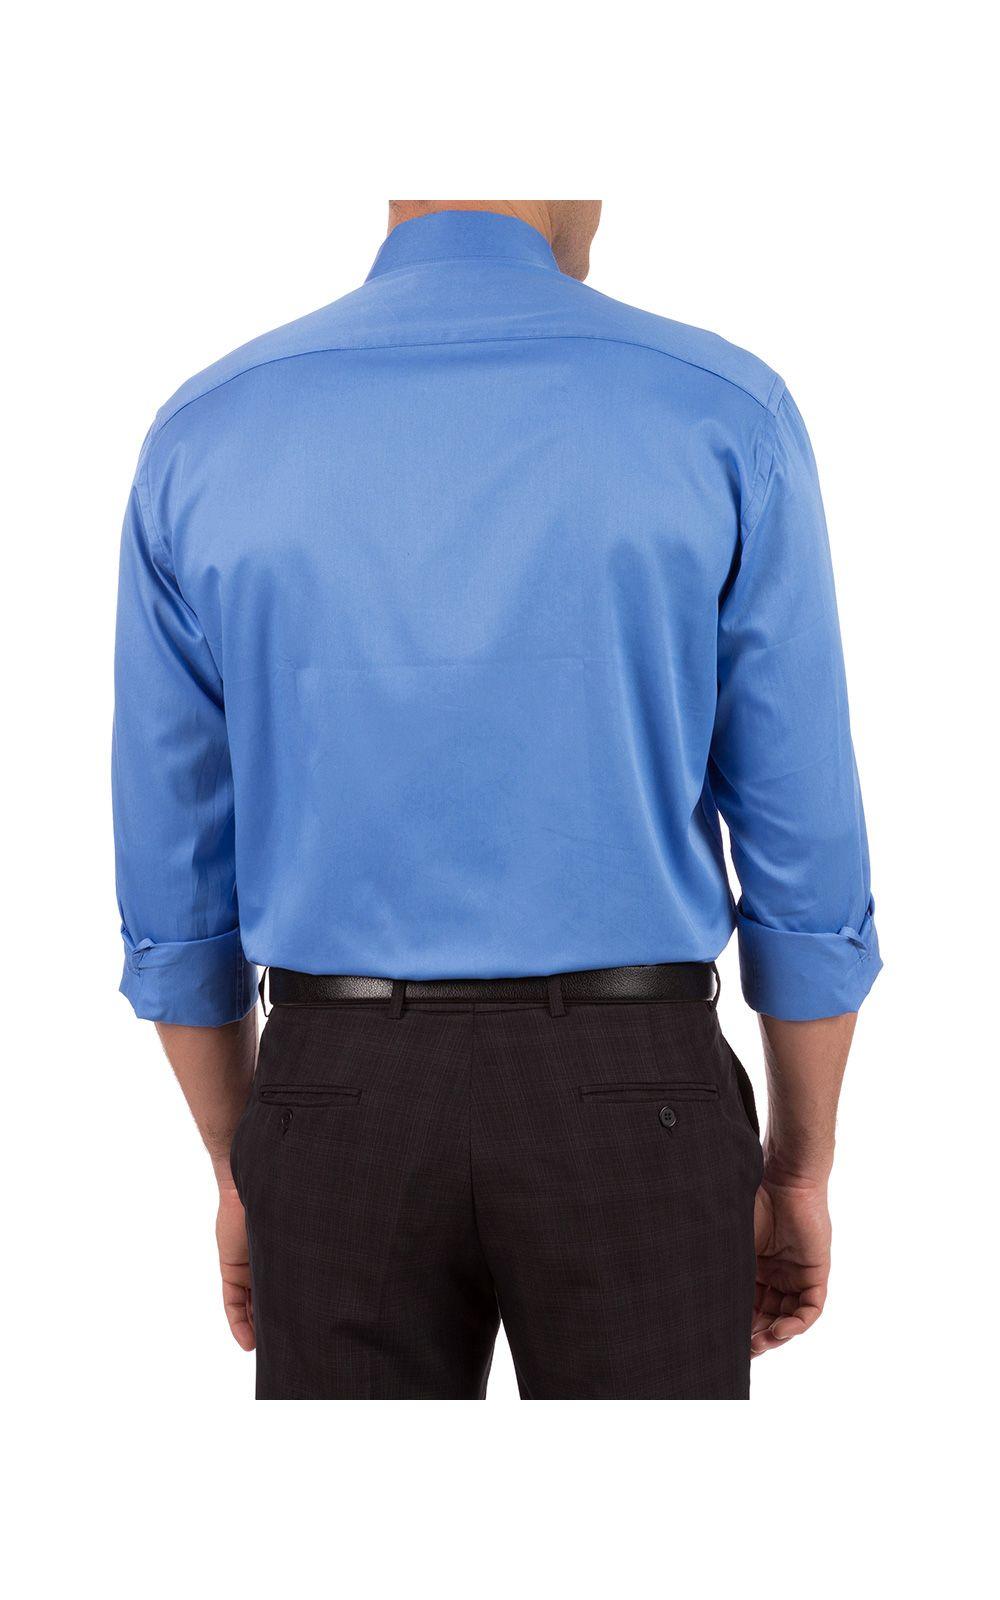 Foto 2 - Camisa Social Masculina Azul Lisa